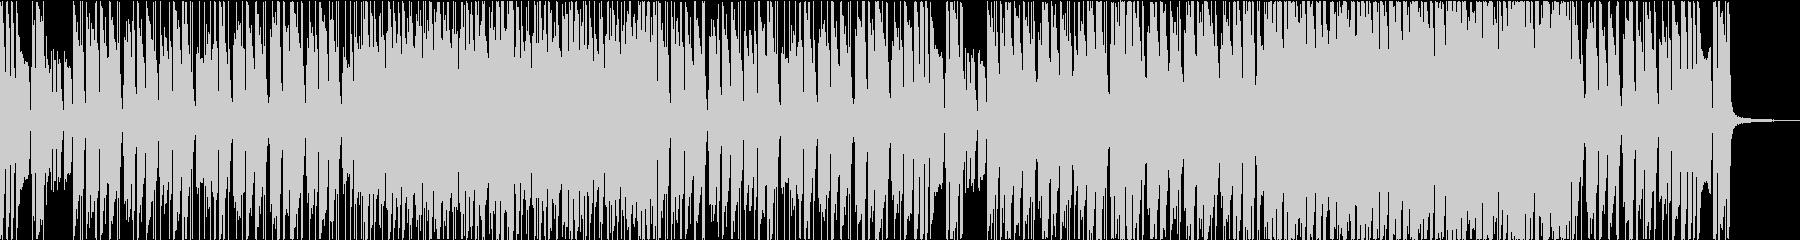 まったりゆったり系ファンクポップスの未再生の波形